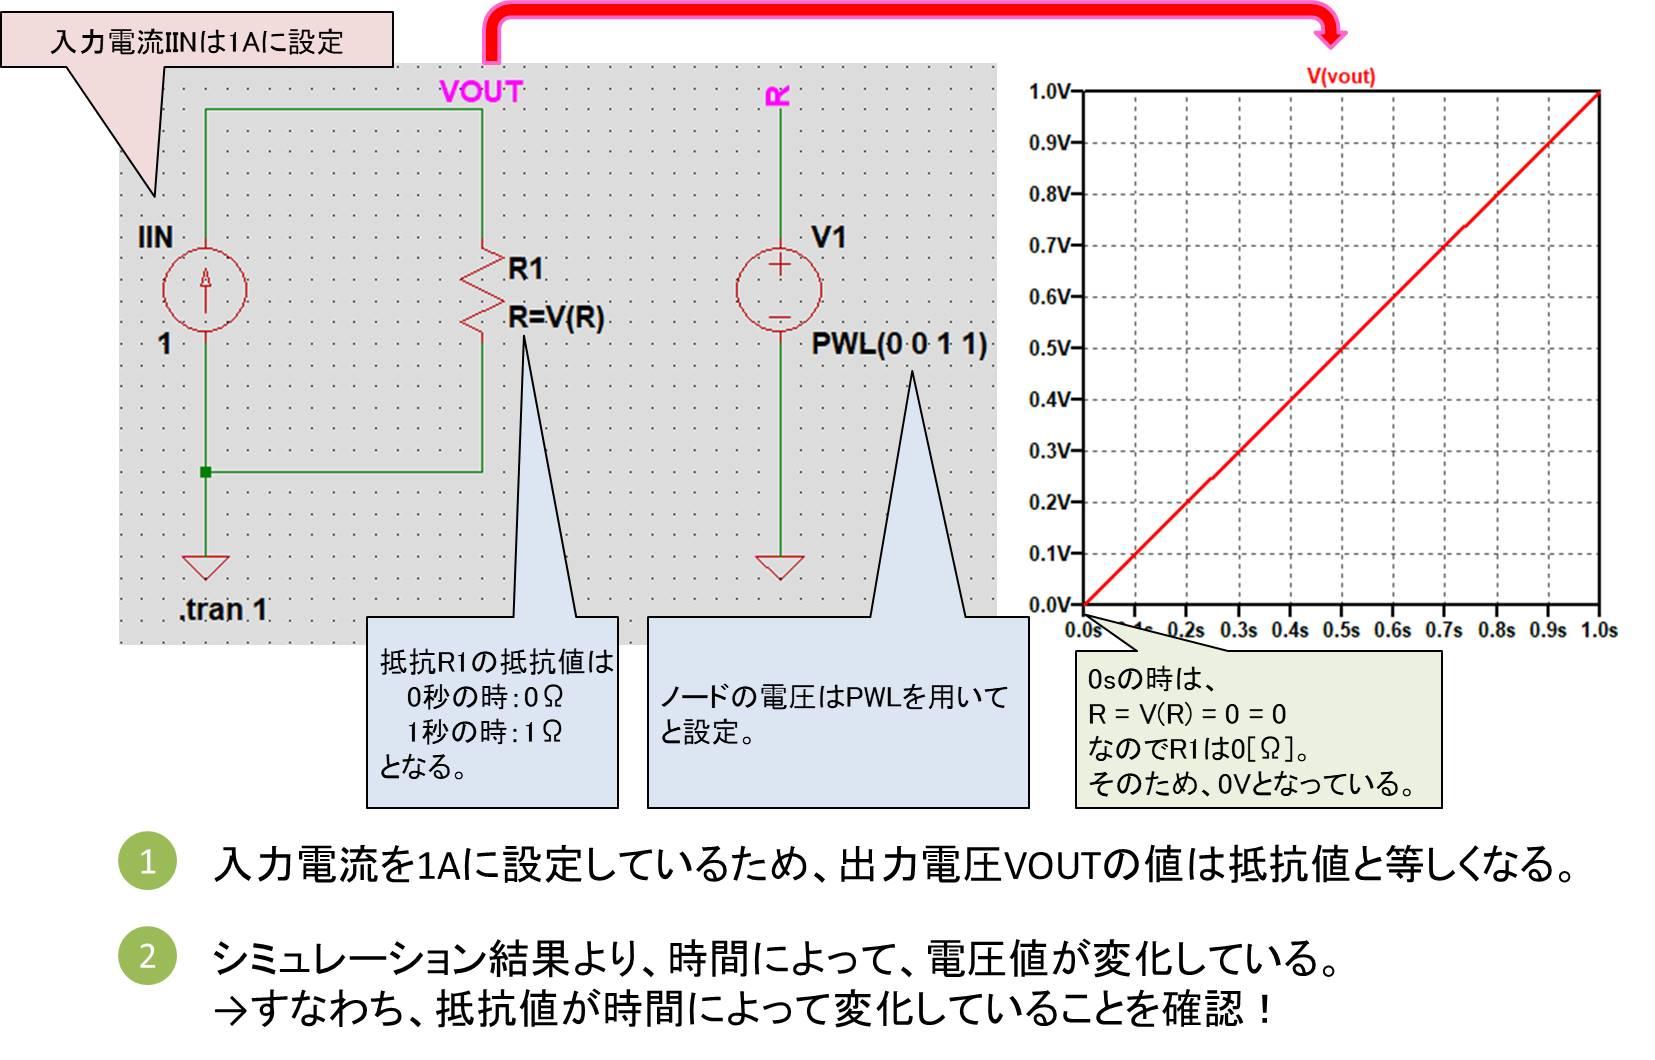 可変抵抗シミュレーション例1